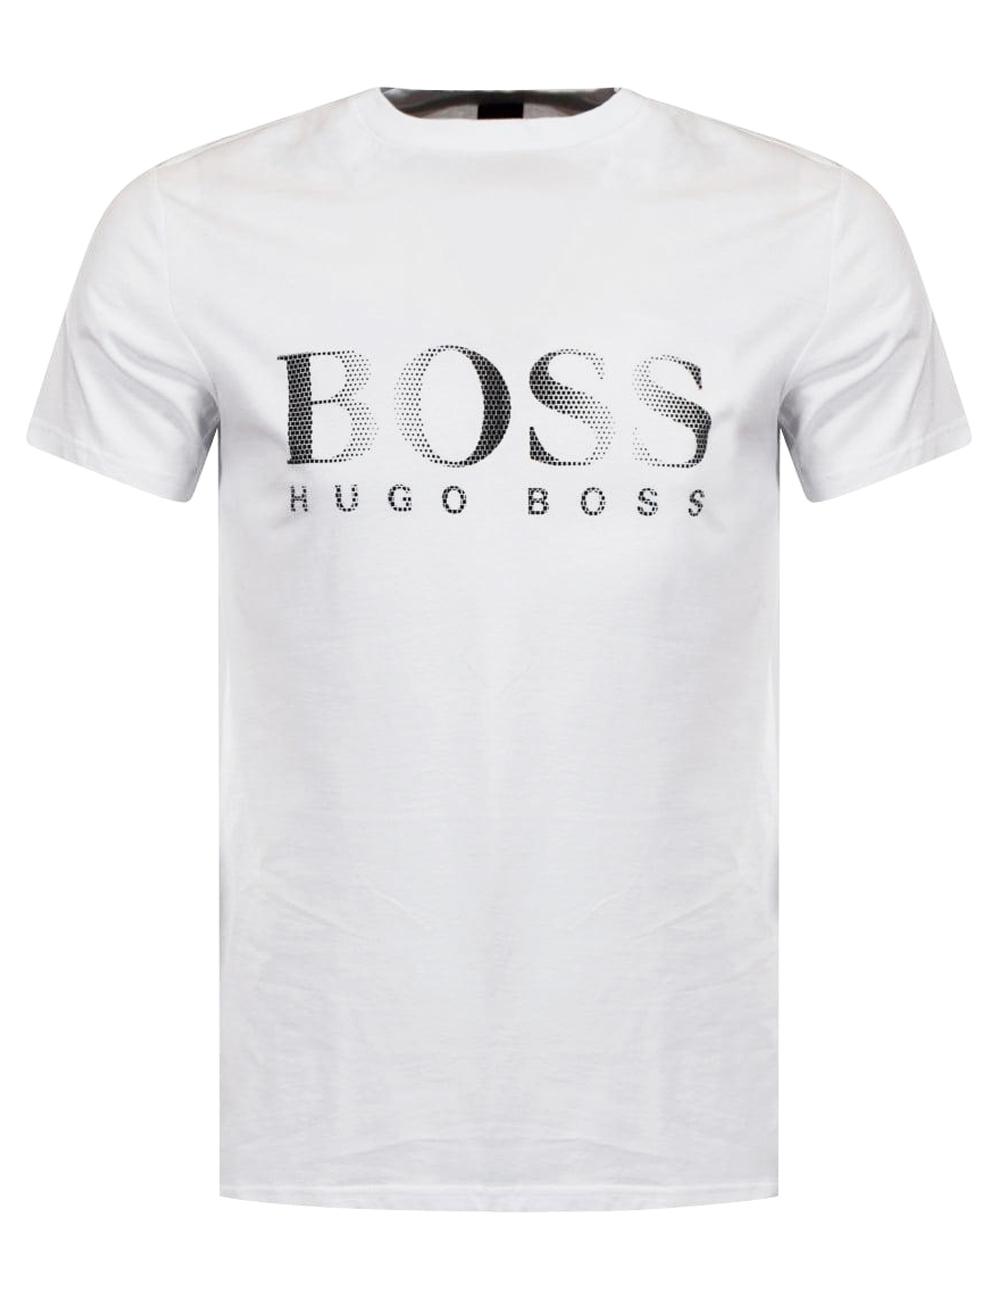 timeless design 23b50 128d7 Herren T-Shirt «RN» von Hugo Boss, weiss